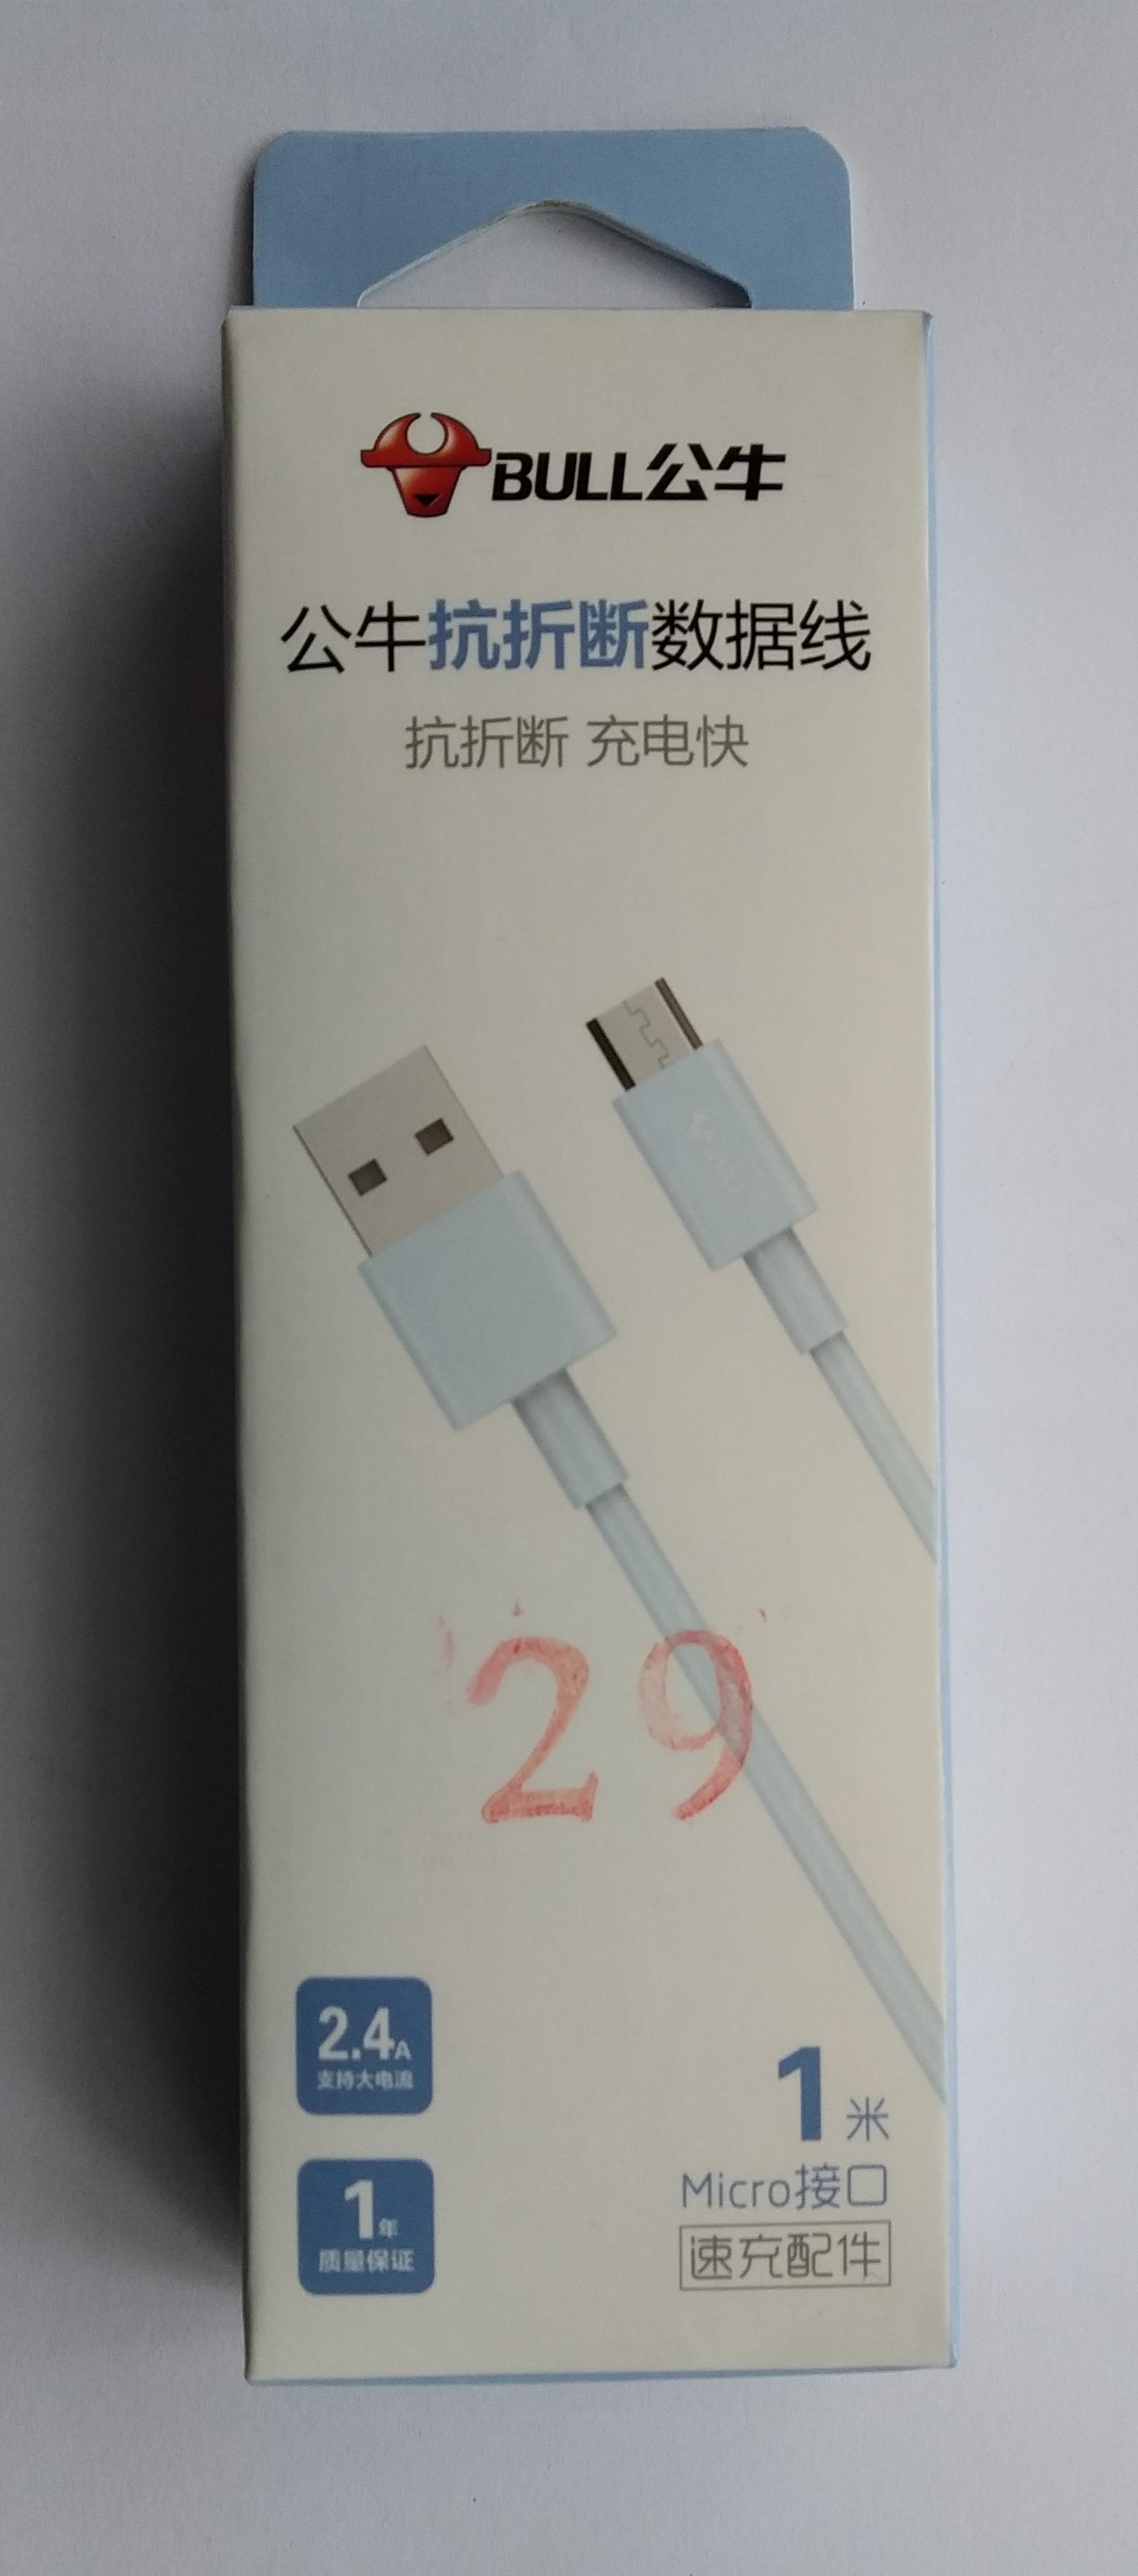 产品10 公牛安卓抗折断J5C10小米vivopp华为荣耀魅族快速充电数据线1米